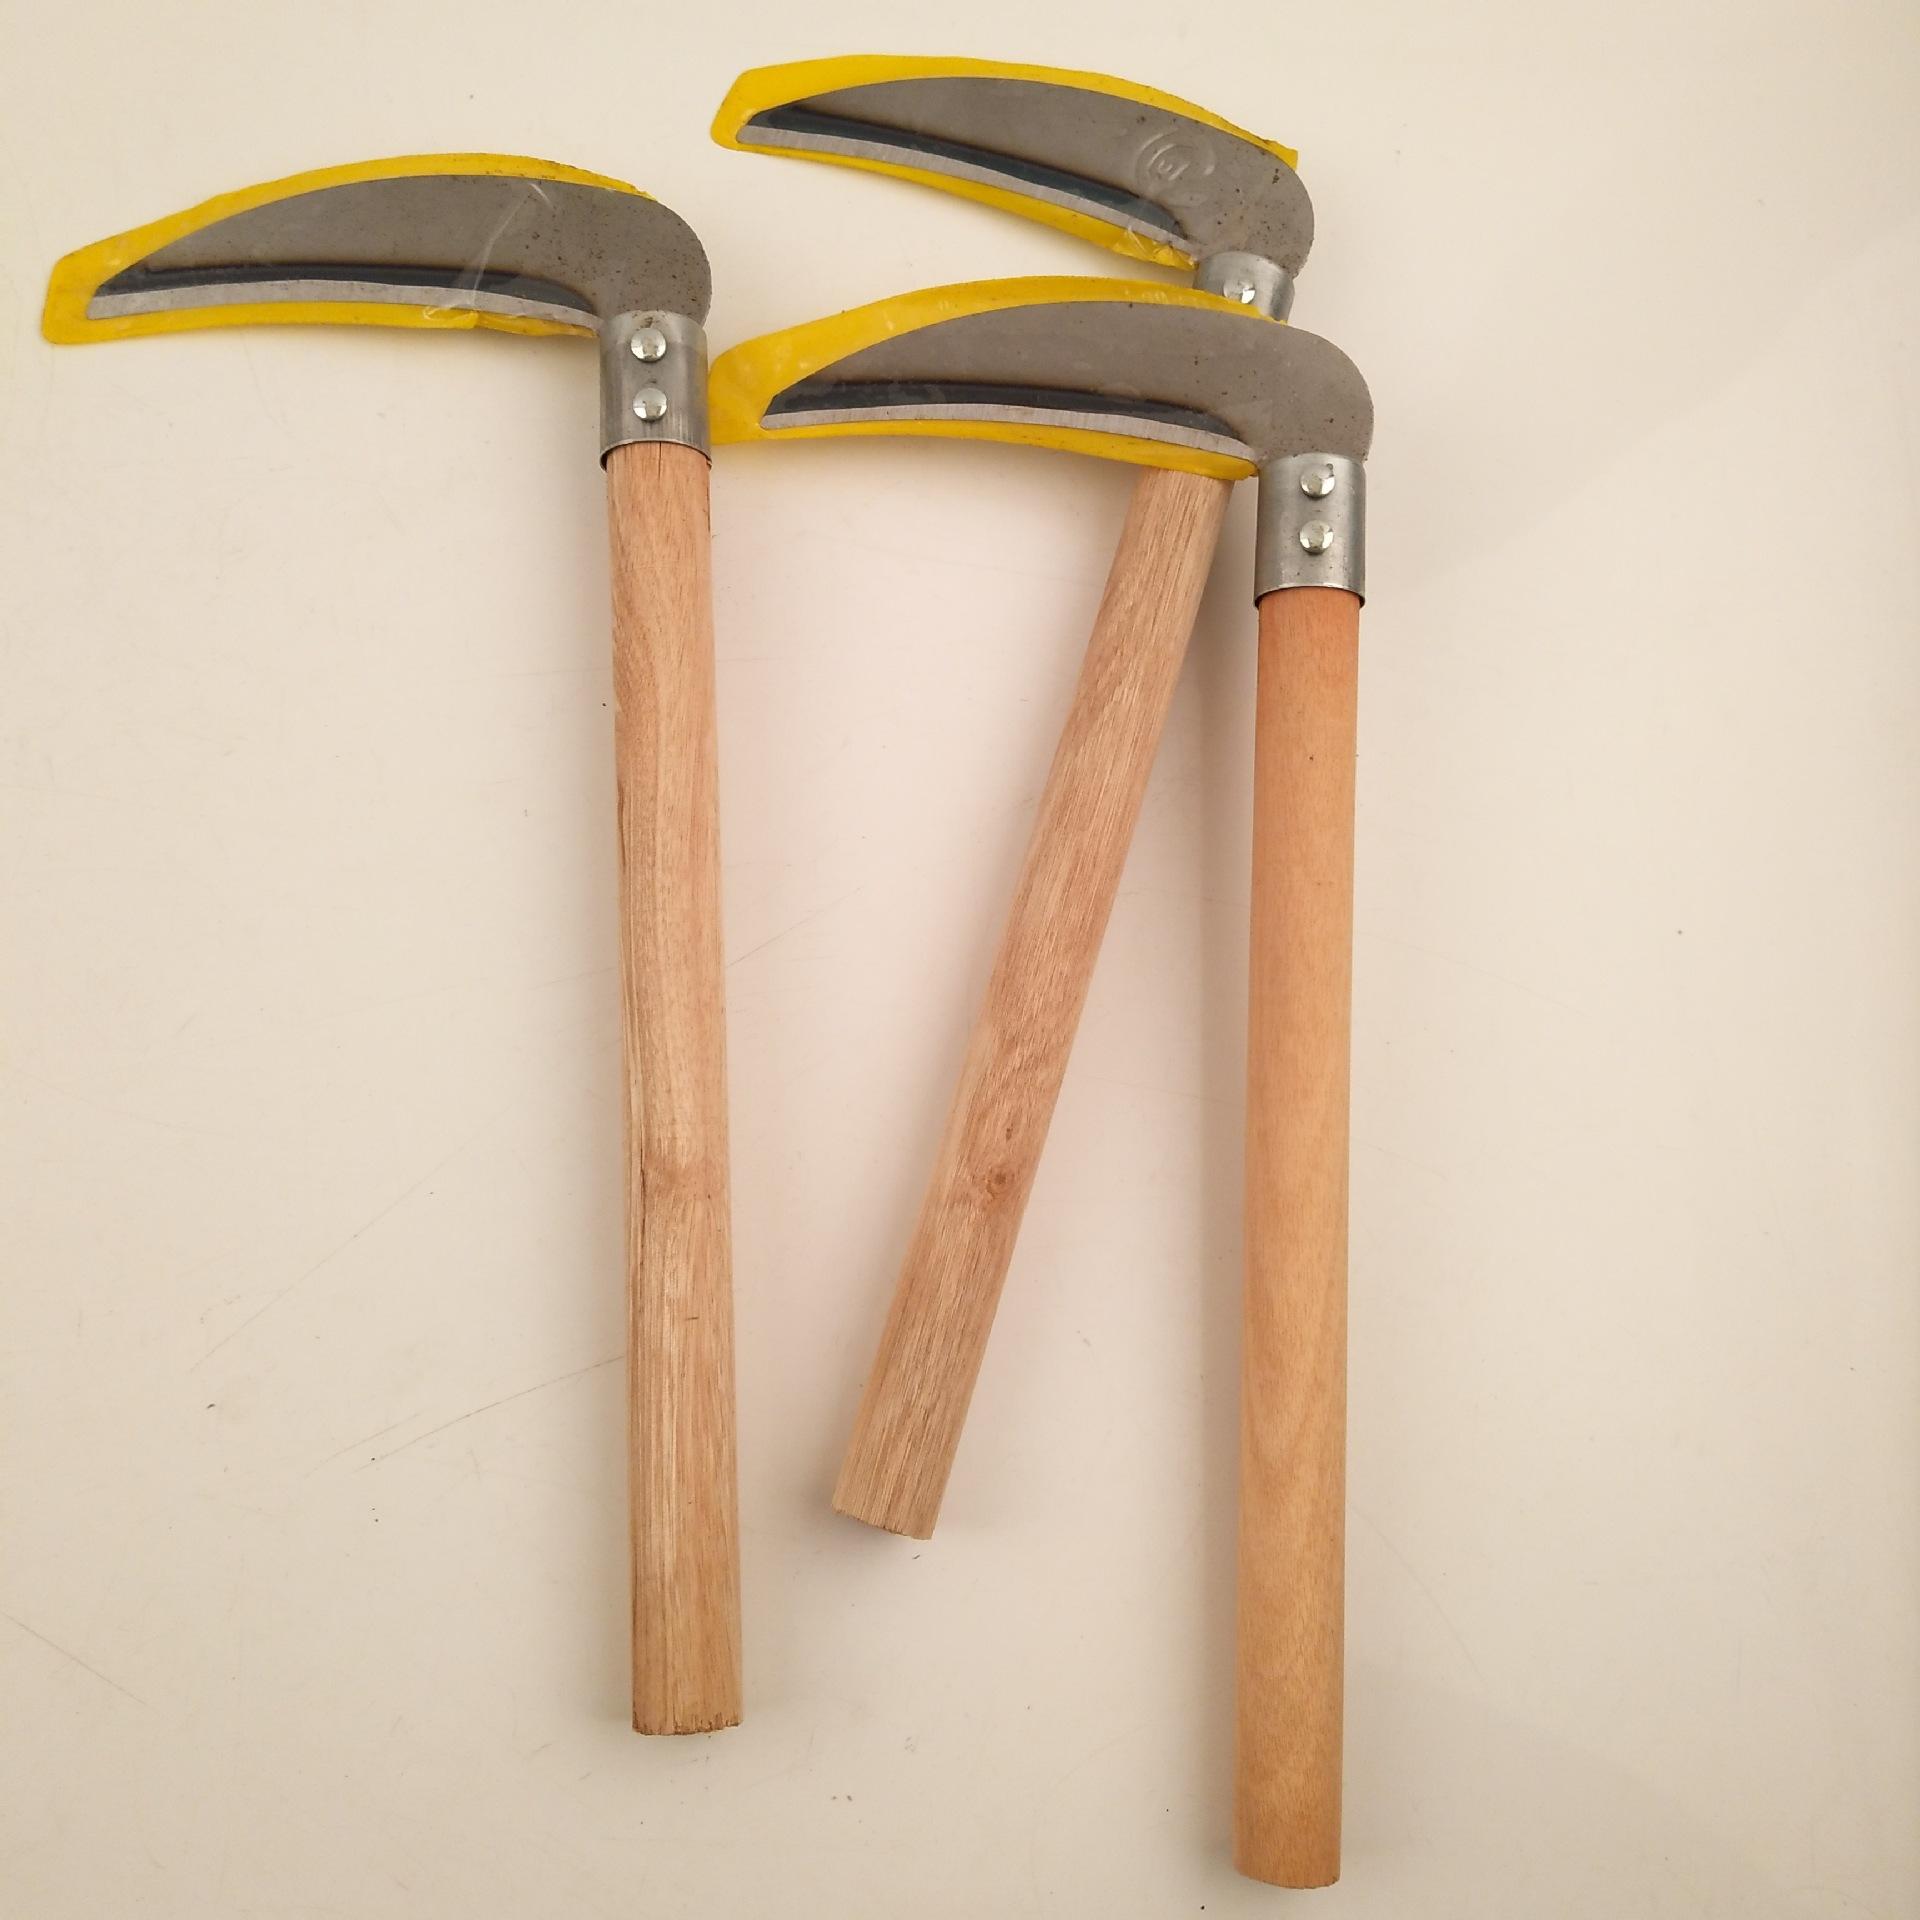 Dụng cụ nông nghiệp Xử lý liềm vườn rau Công cụ thu hoạch liềm Phần cứng nông nghiệp